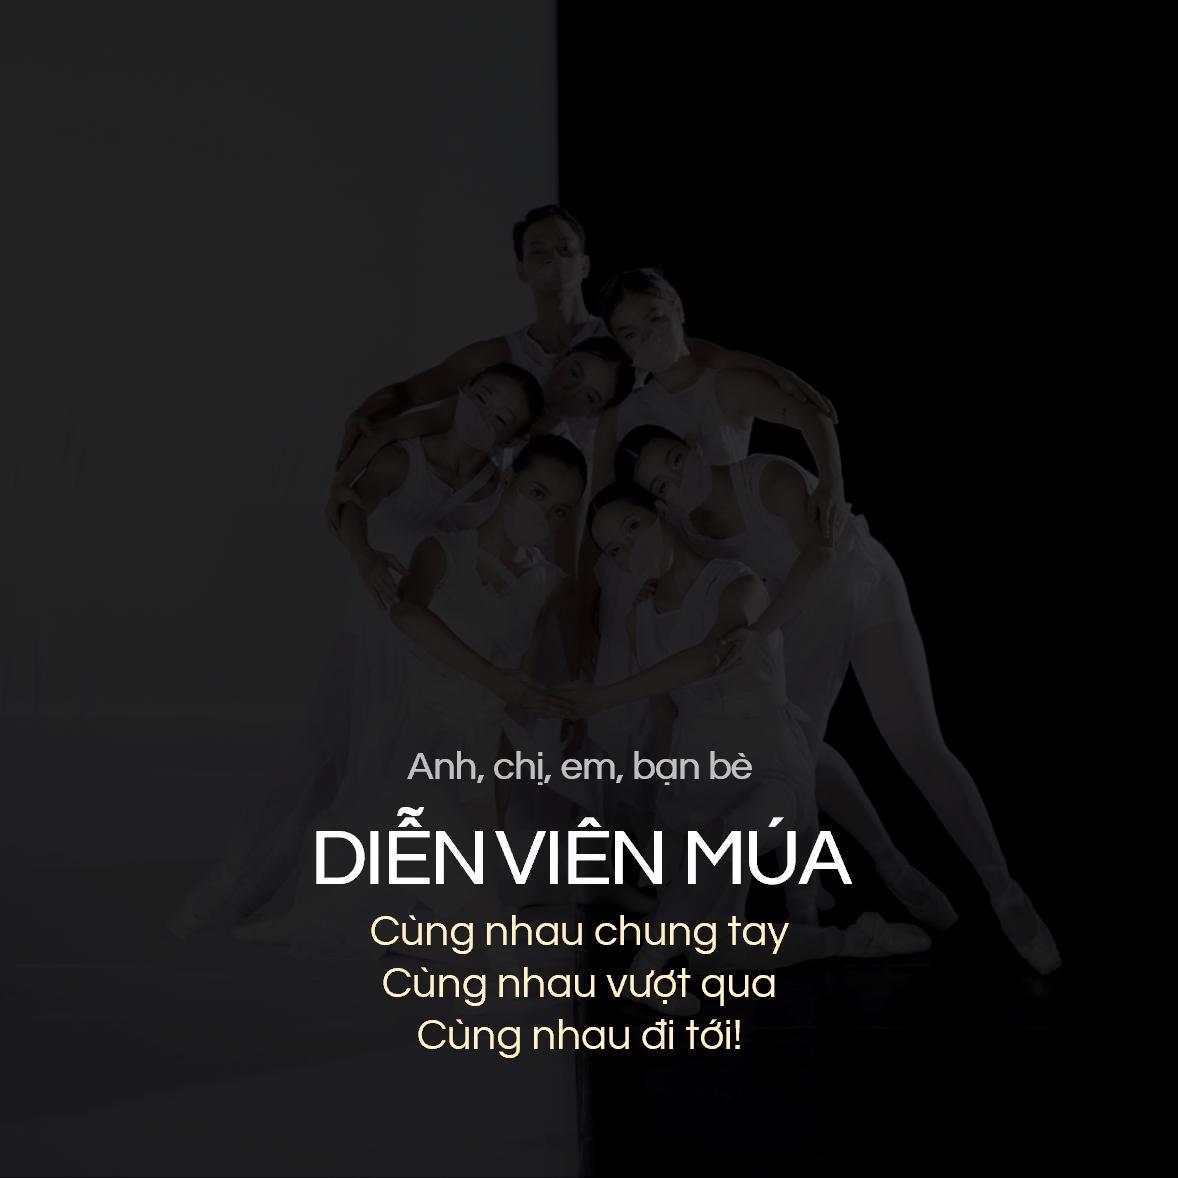 Hình ảnh được dùng khi nhóm của nghệ sĩ múa Tấn Lộc đăng nội dung hỗ trợ.